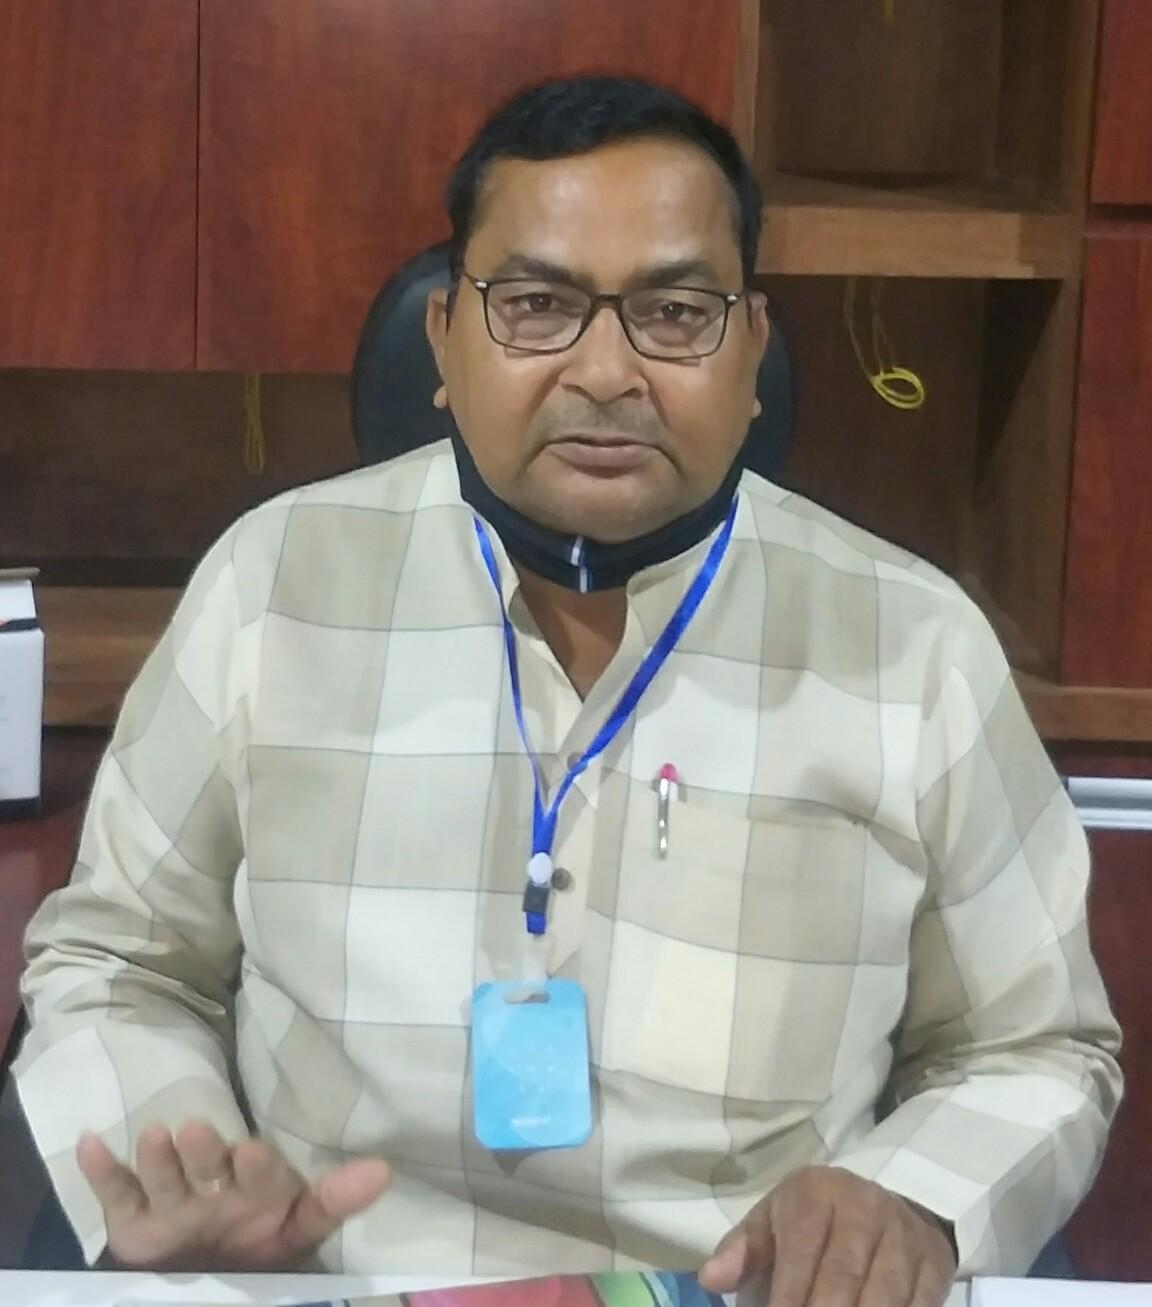 Arrah: सूबे में बीजेपी व लोजपा की सरकार बनी तो बेऊर जेल में होंगे नीतीश कुमार: भगवान सिंह